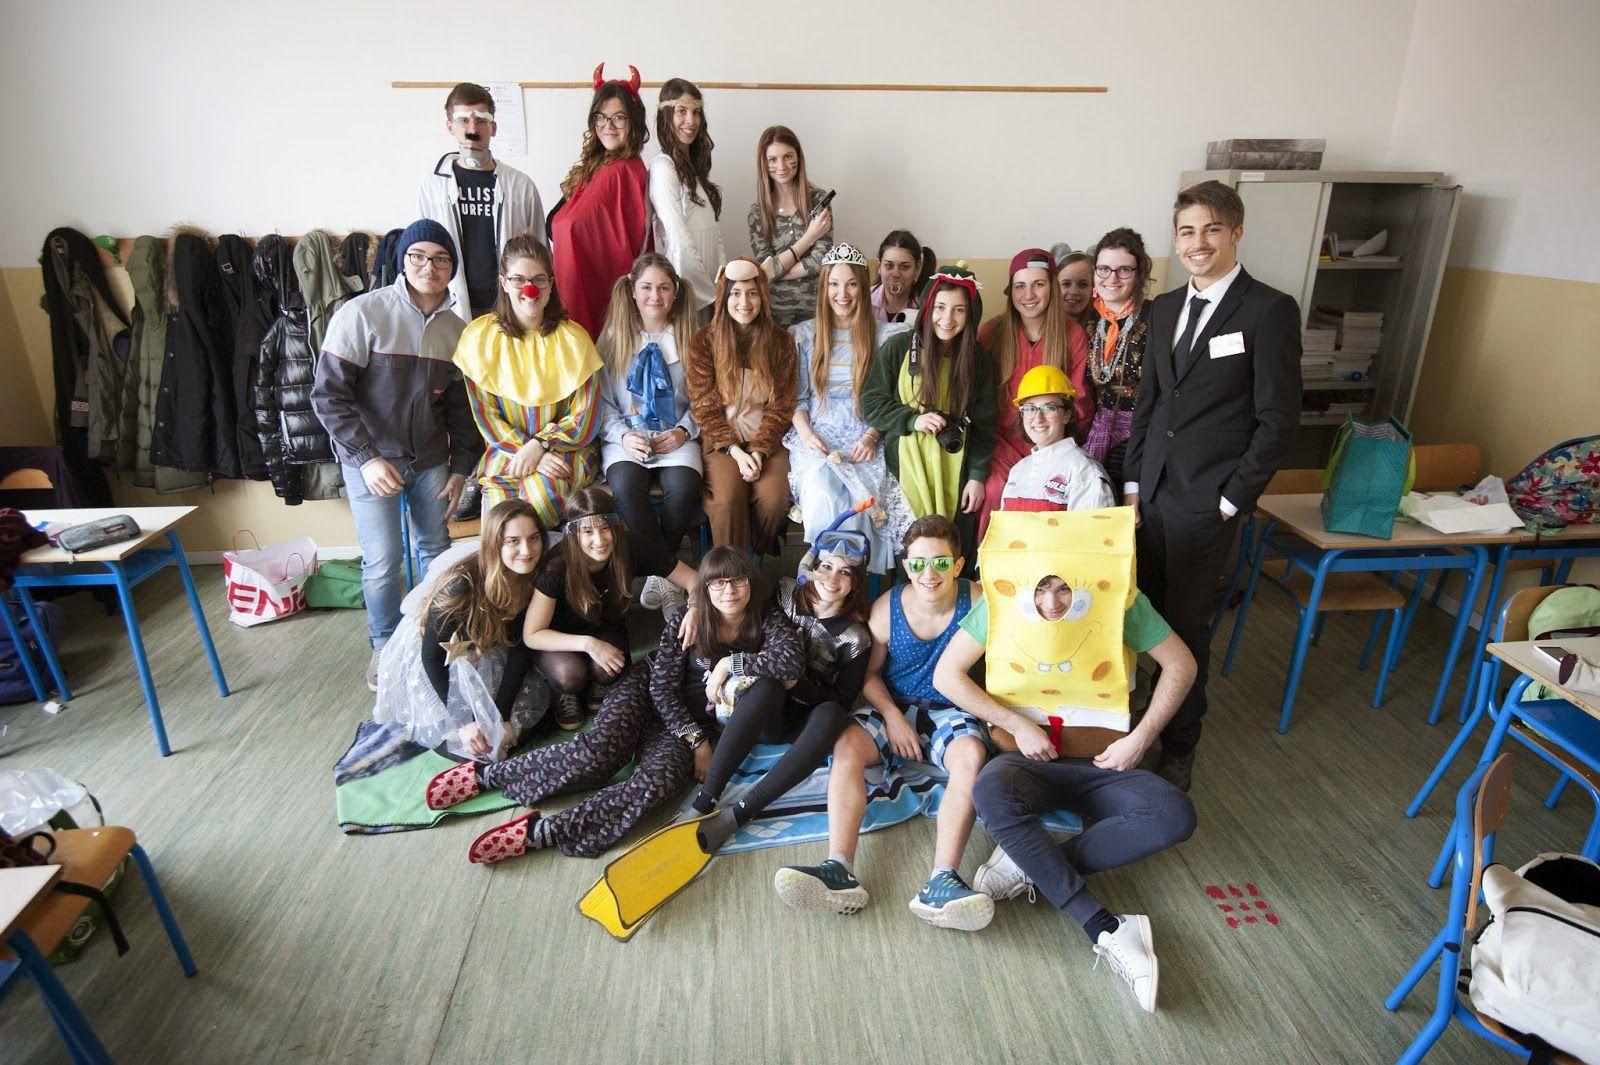 La classe IV A L - si è aggiudicata il primo posto per il concorso fotografico di carnevale 2014-2015